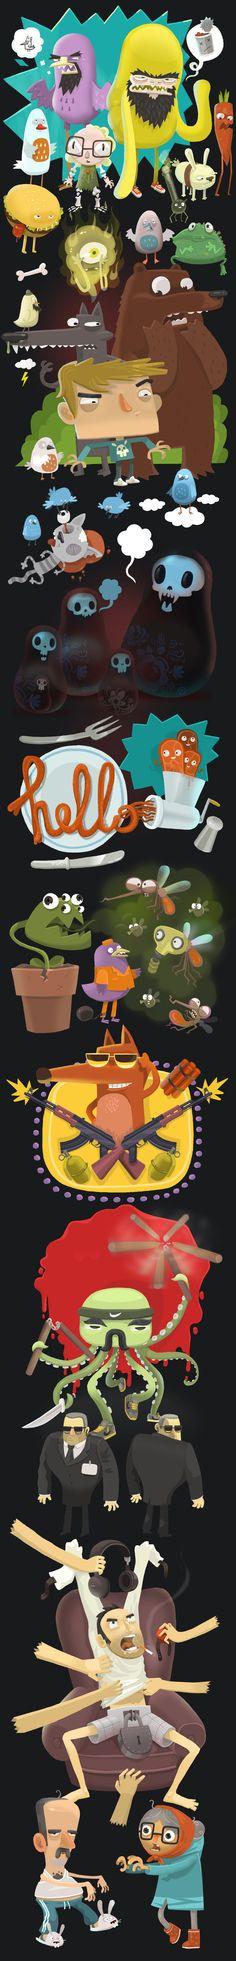 персонажи для игр, Персонаж © СергейРатников ★ Find more at http://www.pinterest.com/competing/